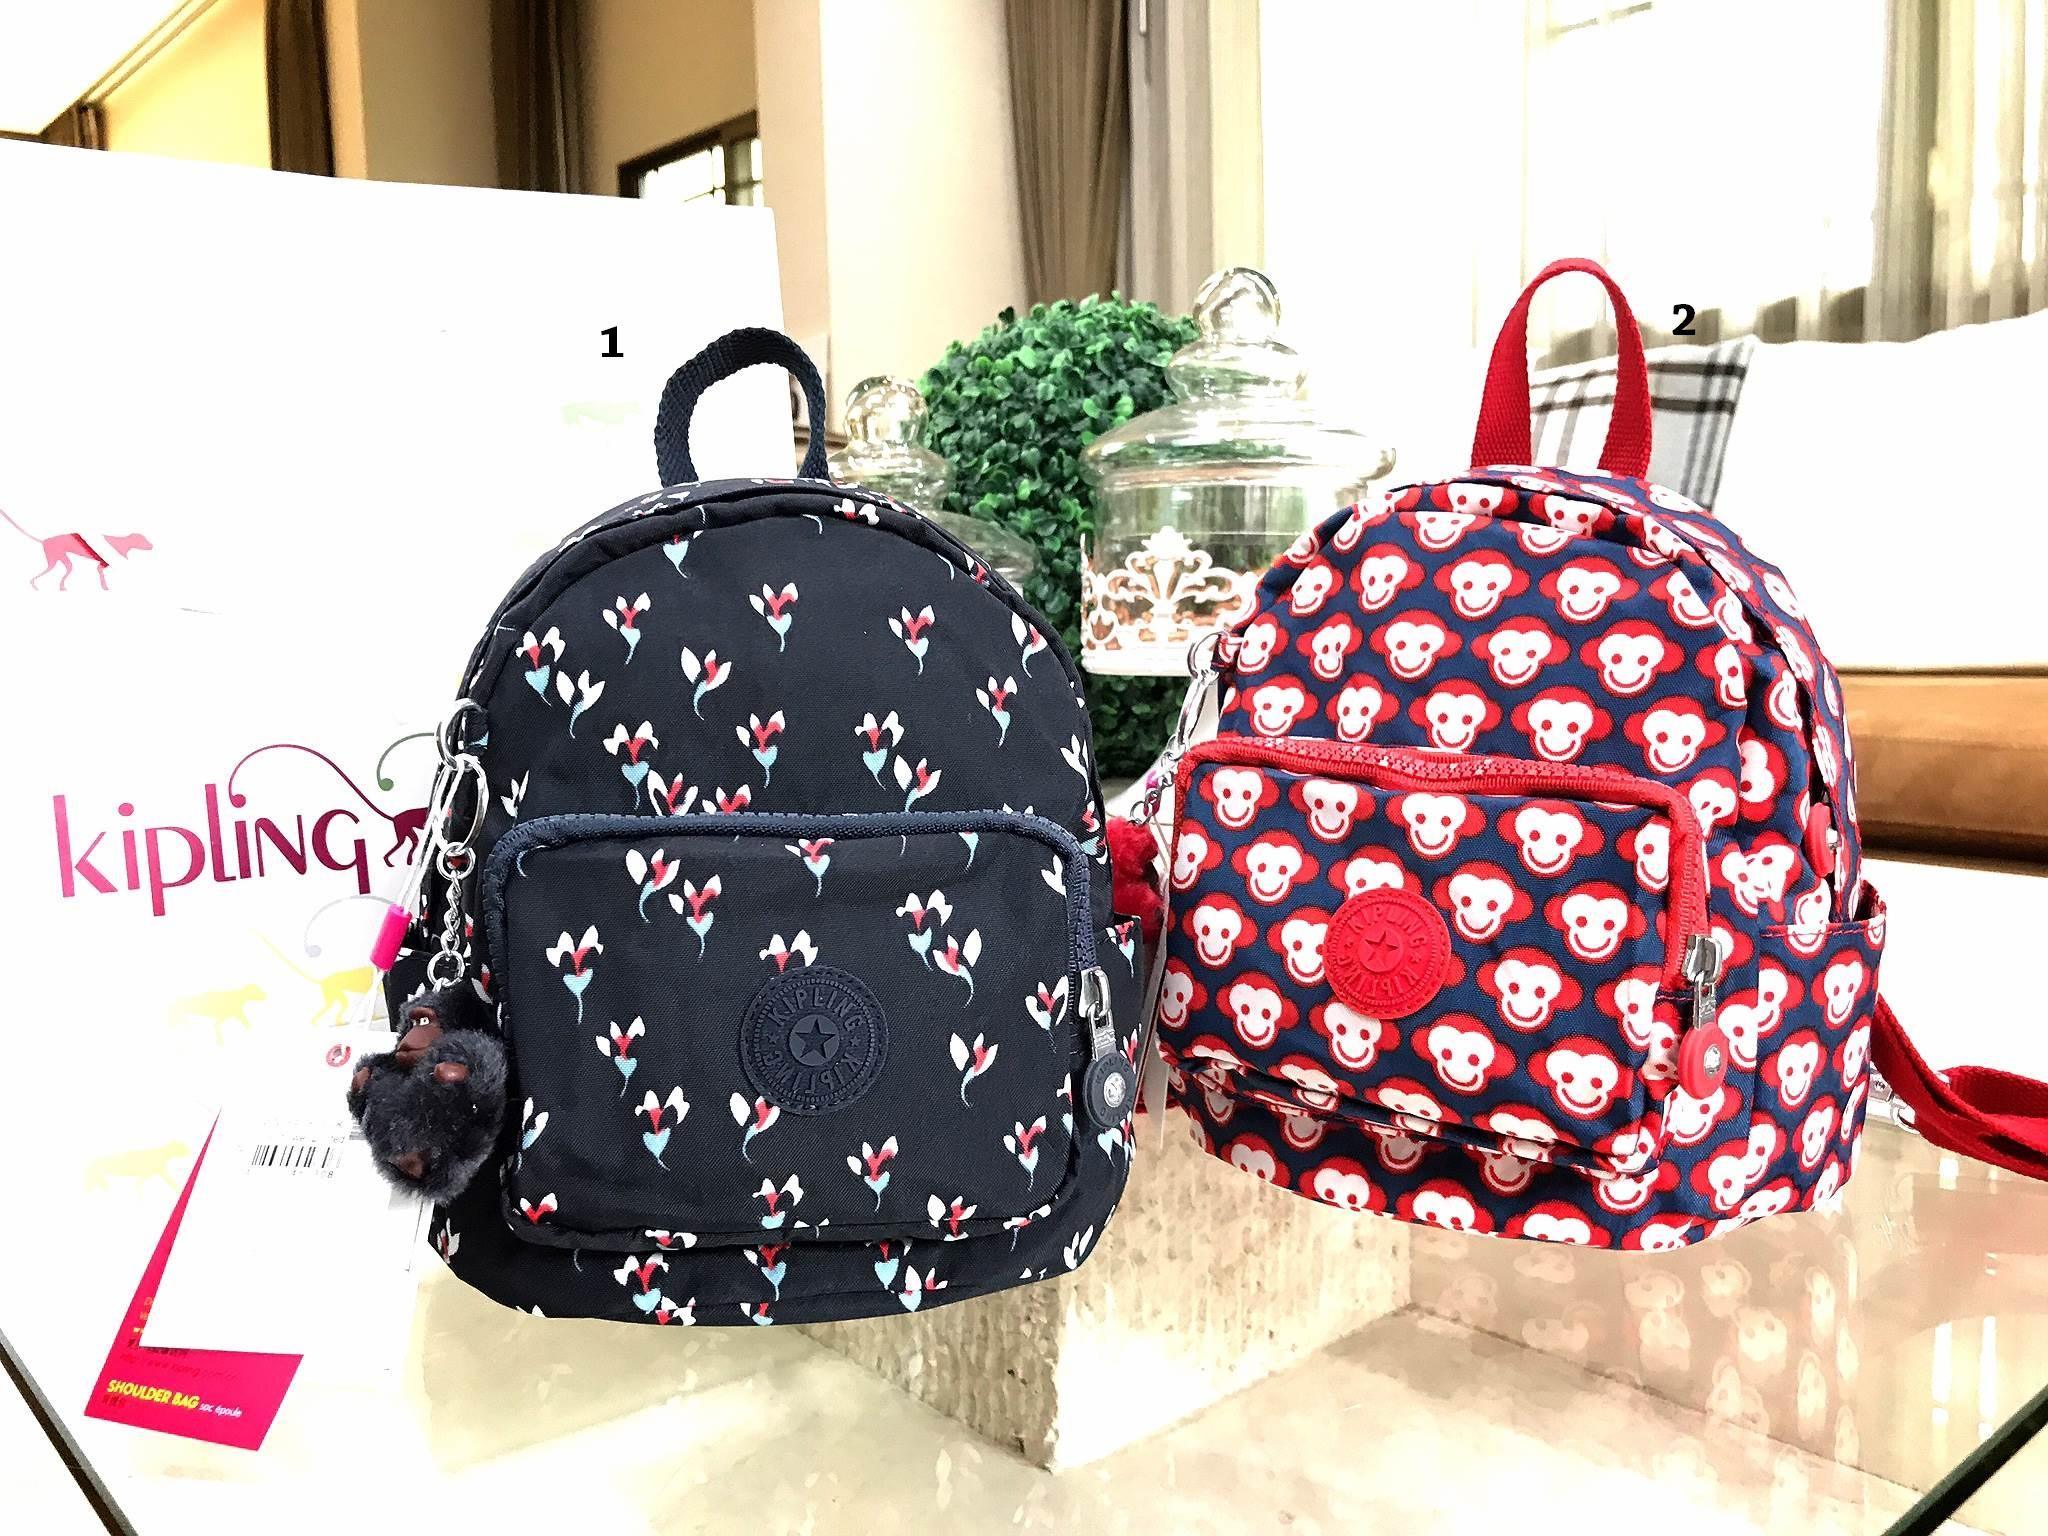 KIPLING Nylon Mini Bag